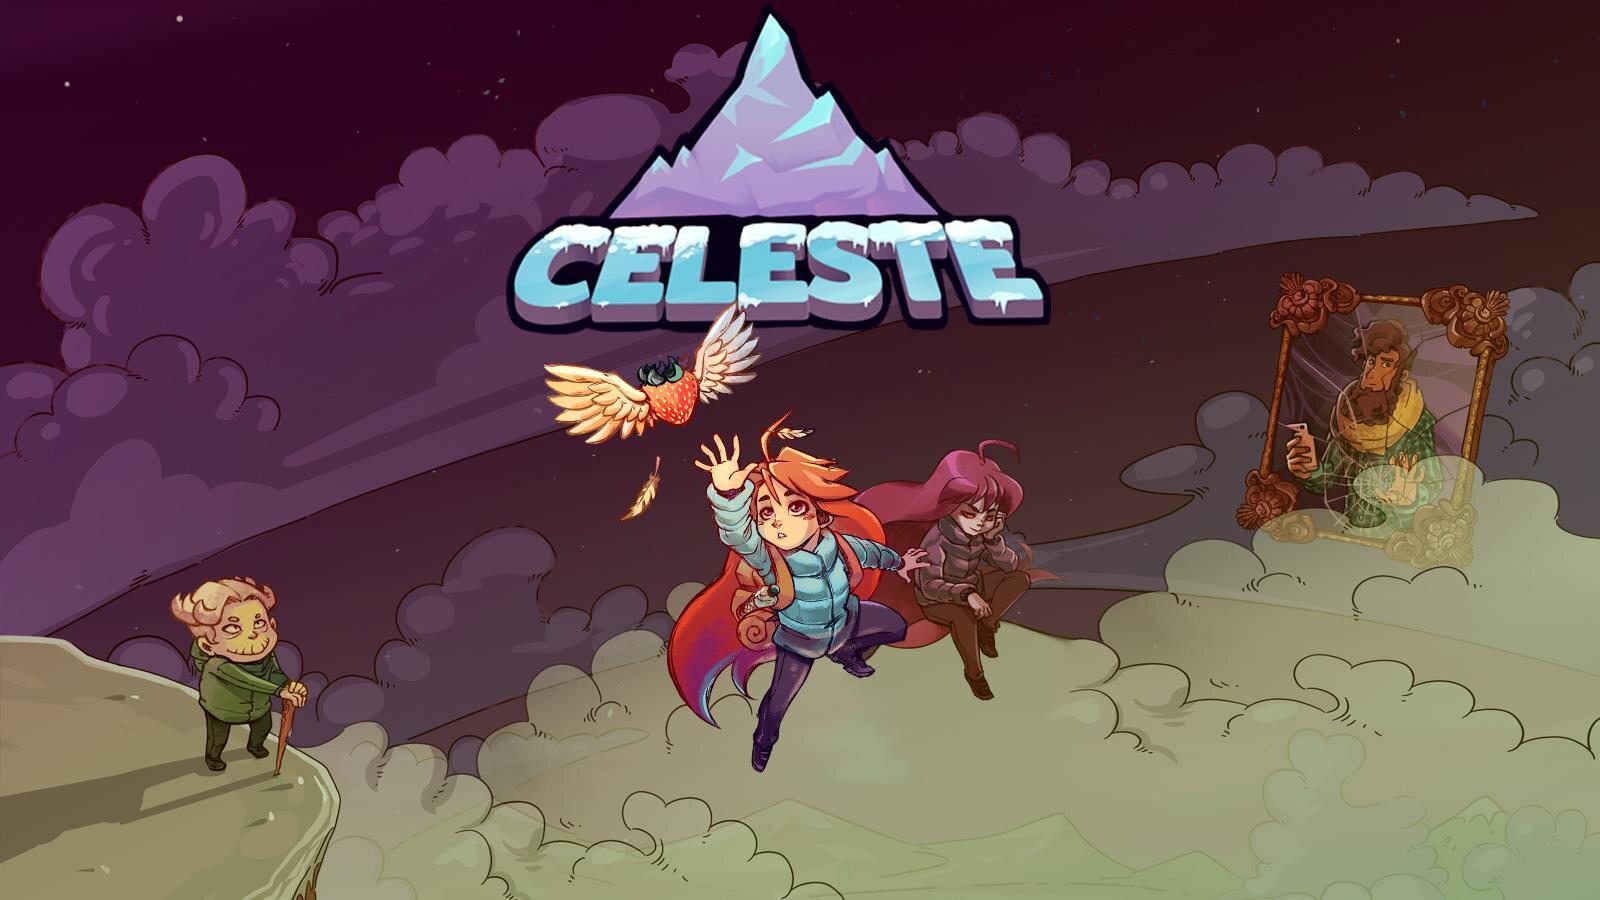 Sempatik Celeste, en iyi bağımsız oyun olmayı başardı.